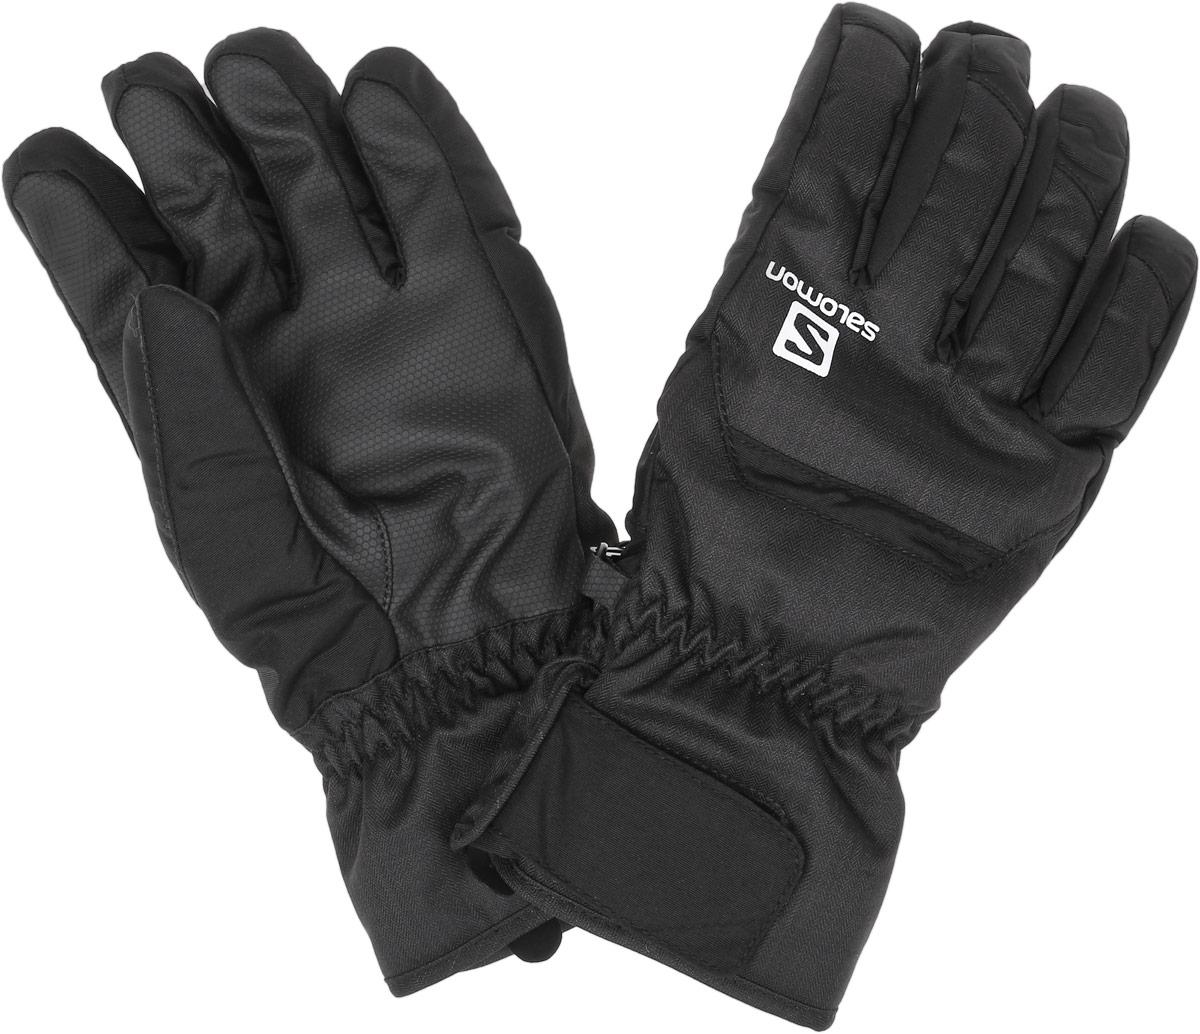 ПерчаткиL36377700Мужские перчатки Salomon Gloves Cruise M предназначены для занятий активными видами спорта и для носки в городе в холодную погоду. Внешний слой перчаток изготовлен из нейлона, на ладони - вставка из полиуретана. Утеплитель выполнен из высококачественного теплого полиэстера Advanced Skin Warm. Теплые перчатки с короткими манжетами и застежками-липучками Velcro сохранят тепло, удобство